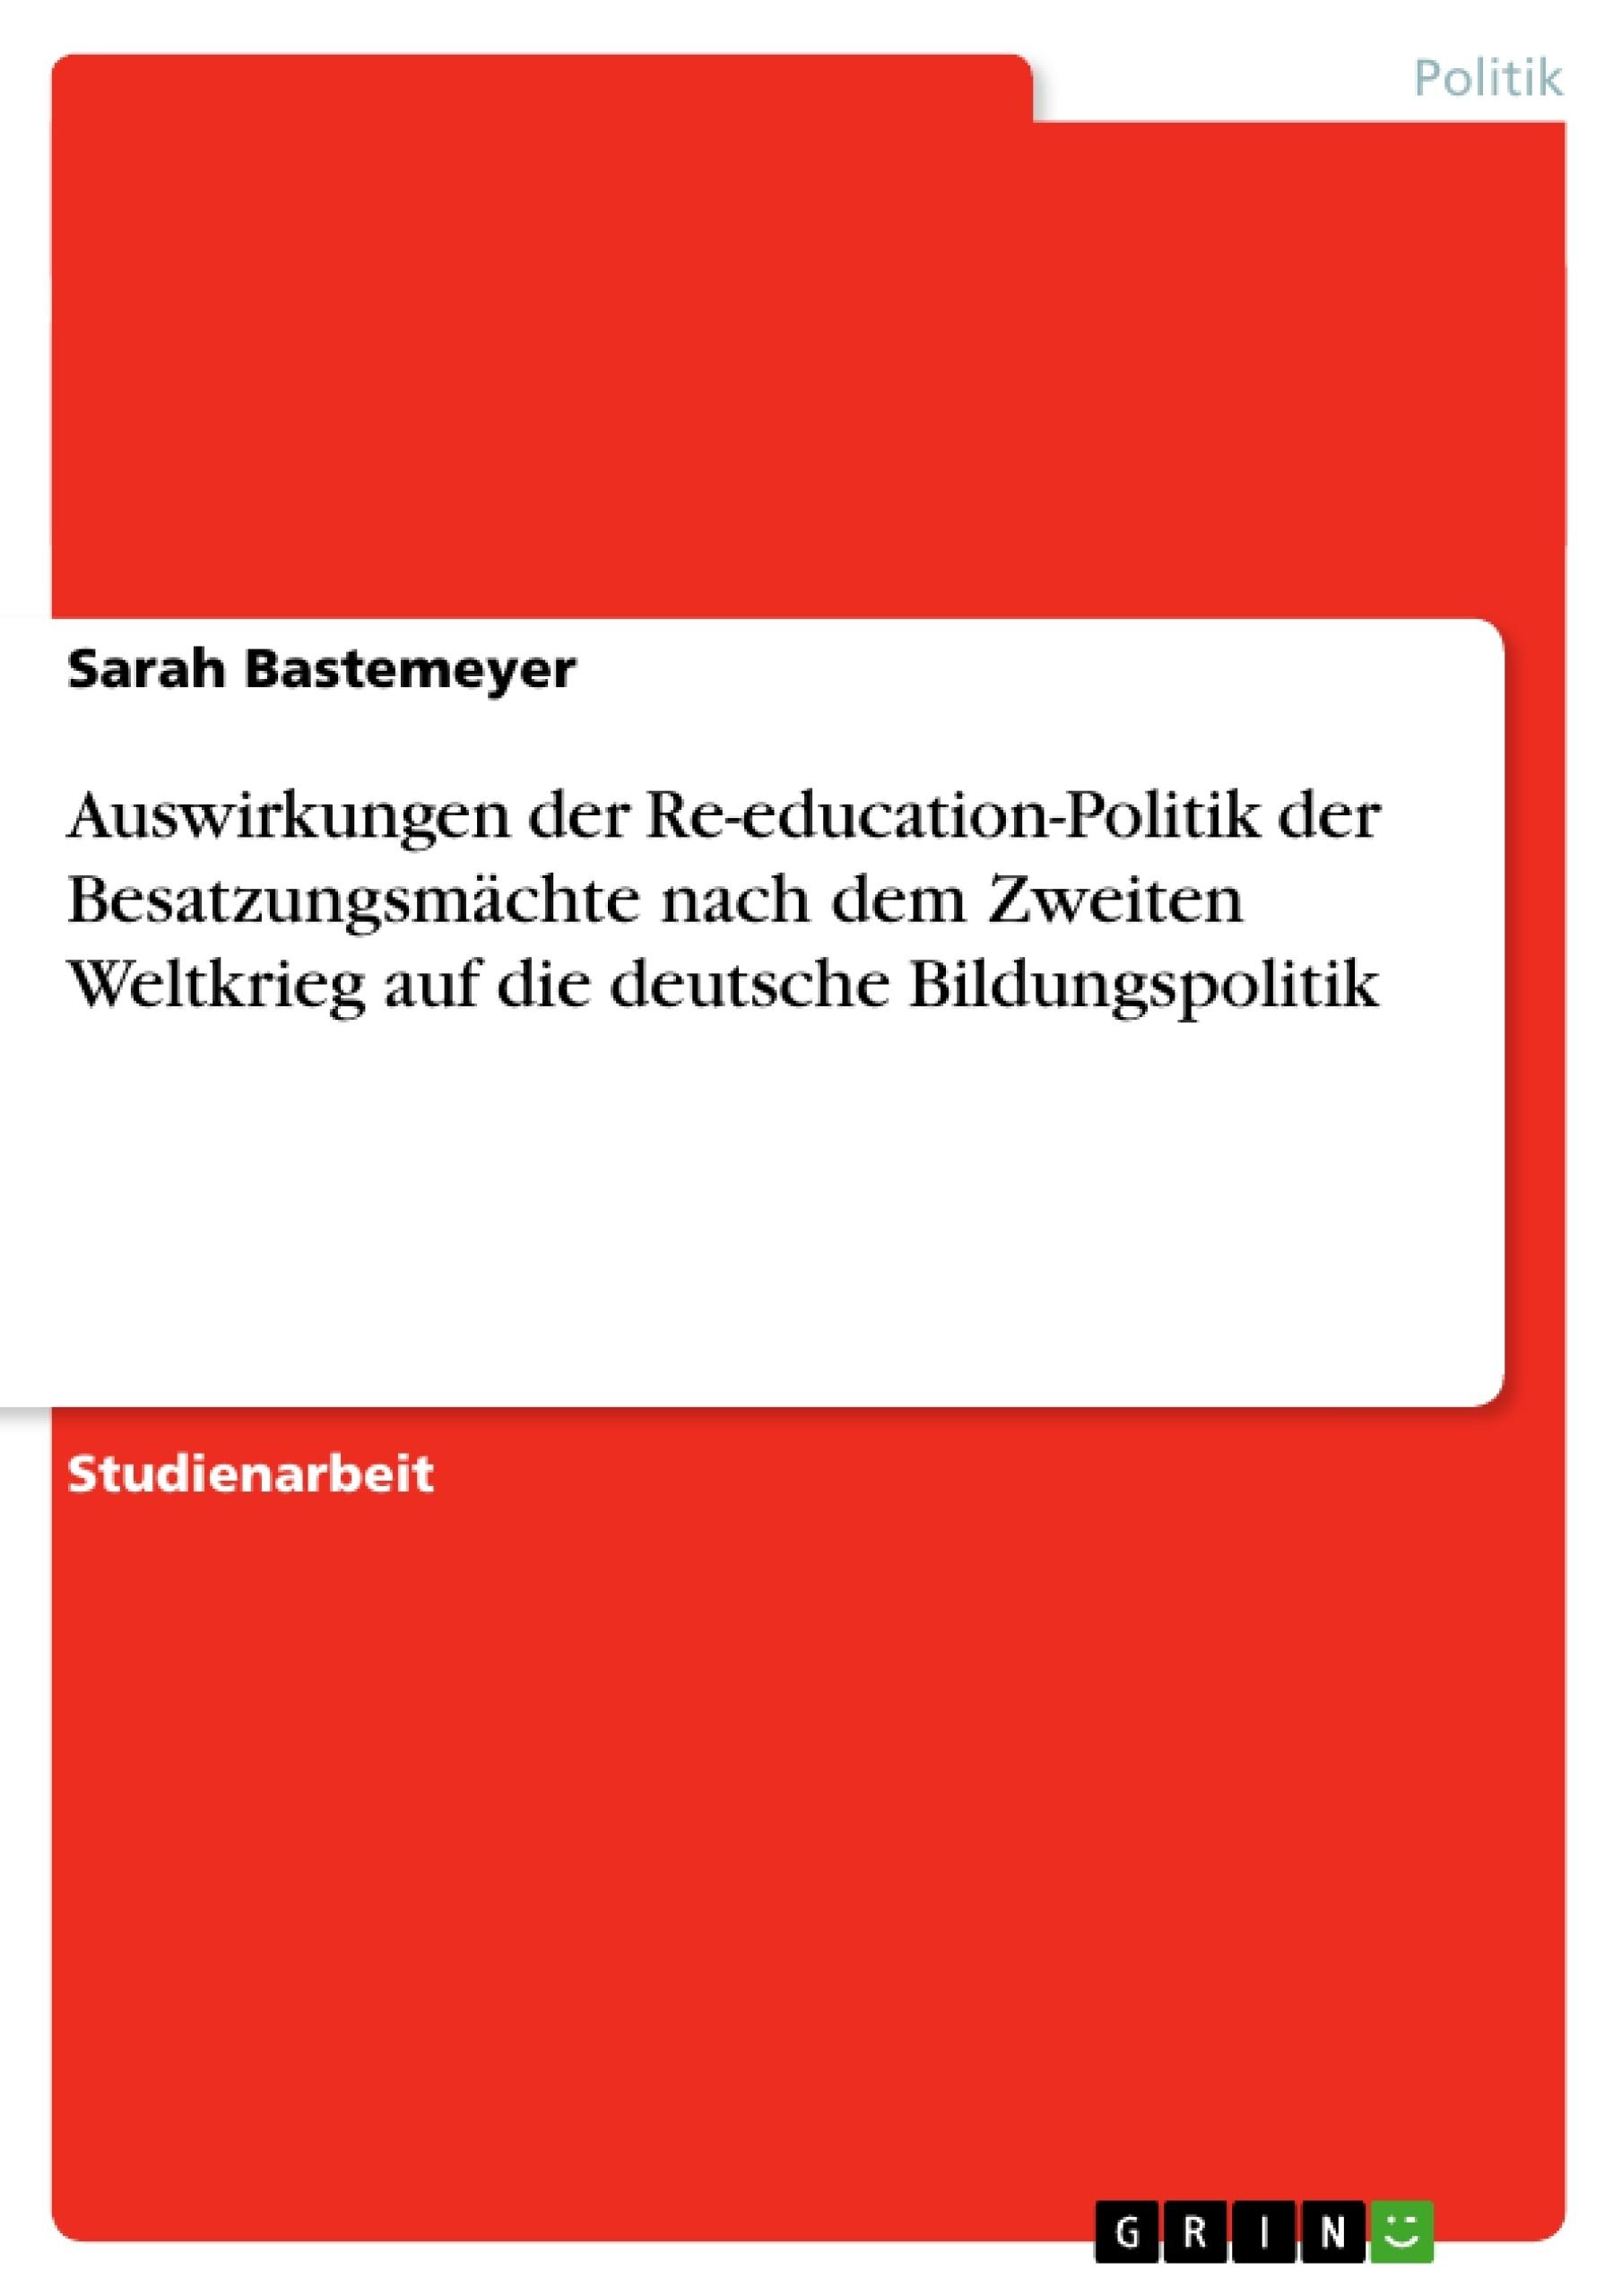 Titel: Auswirkungen der Re-education-Politik der Besatzungsmächte nach dem Zweiten Weltkrieg auf die deutsche Bildungspolitik